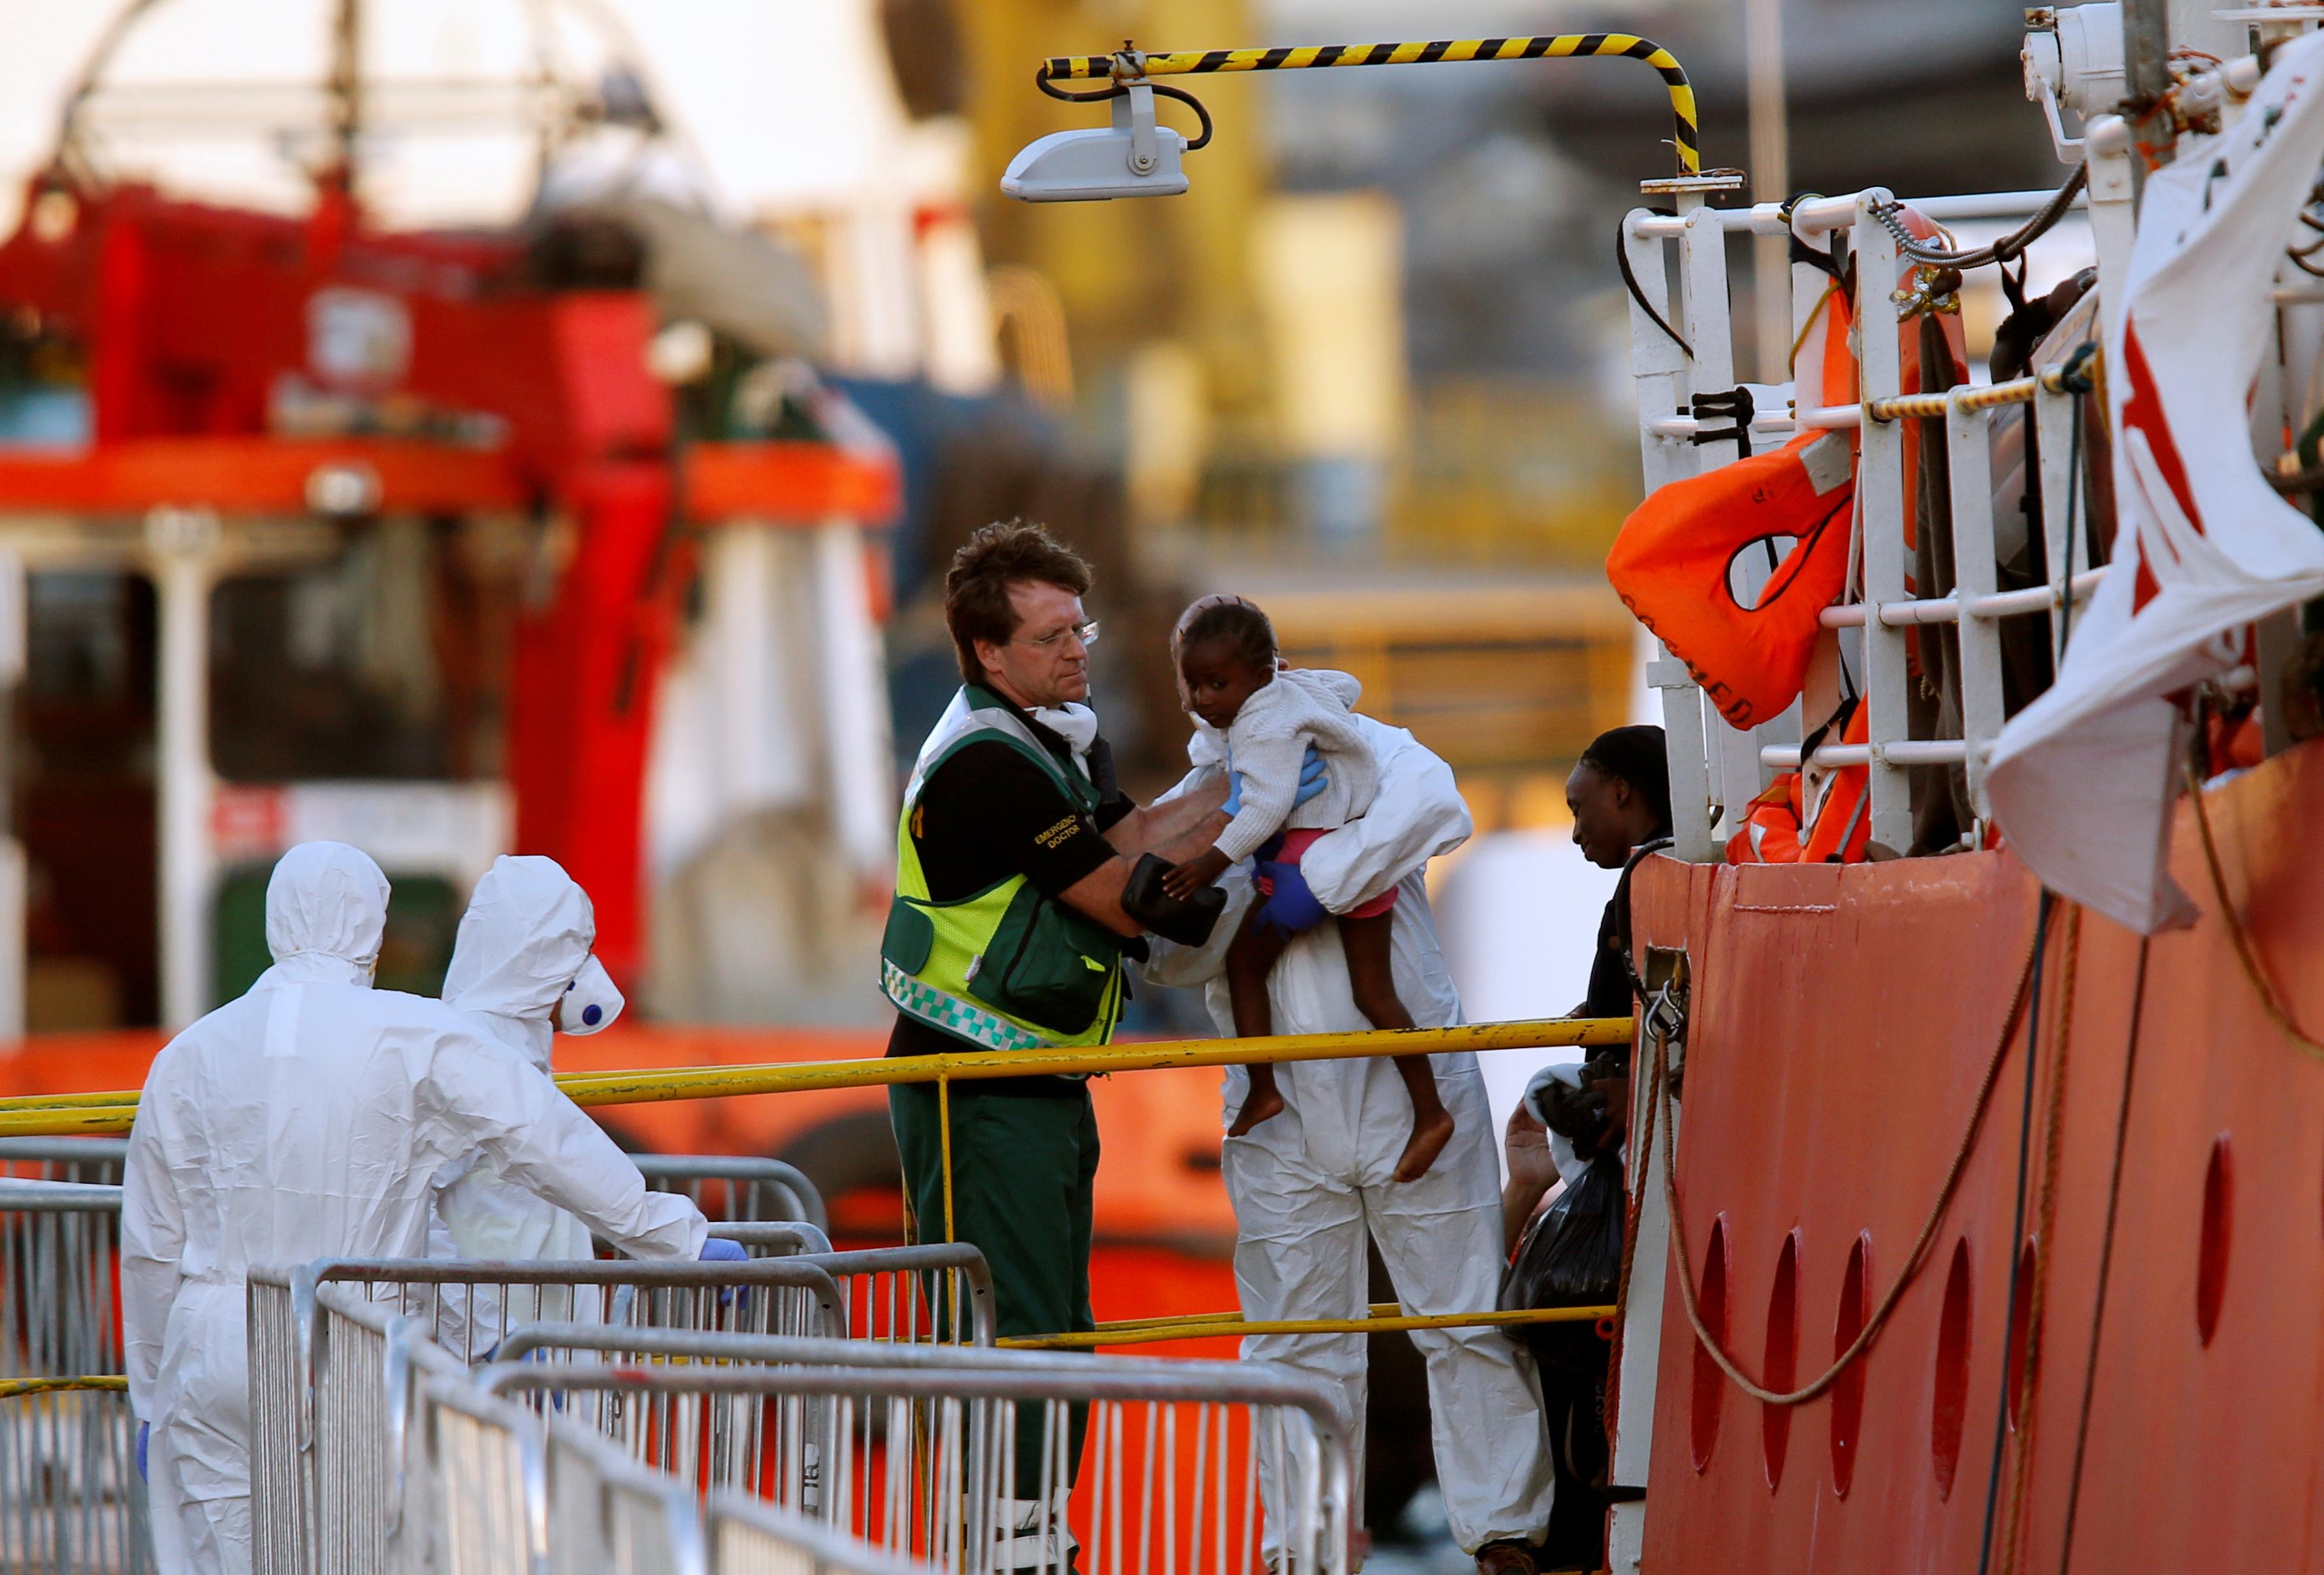 69dbd152b4b61 Português que salvou migrantes acusado de imigração ilegal - Renascença